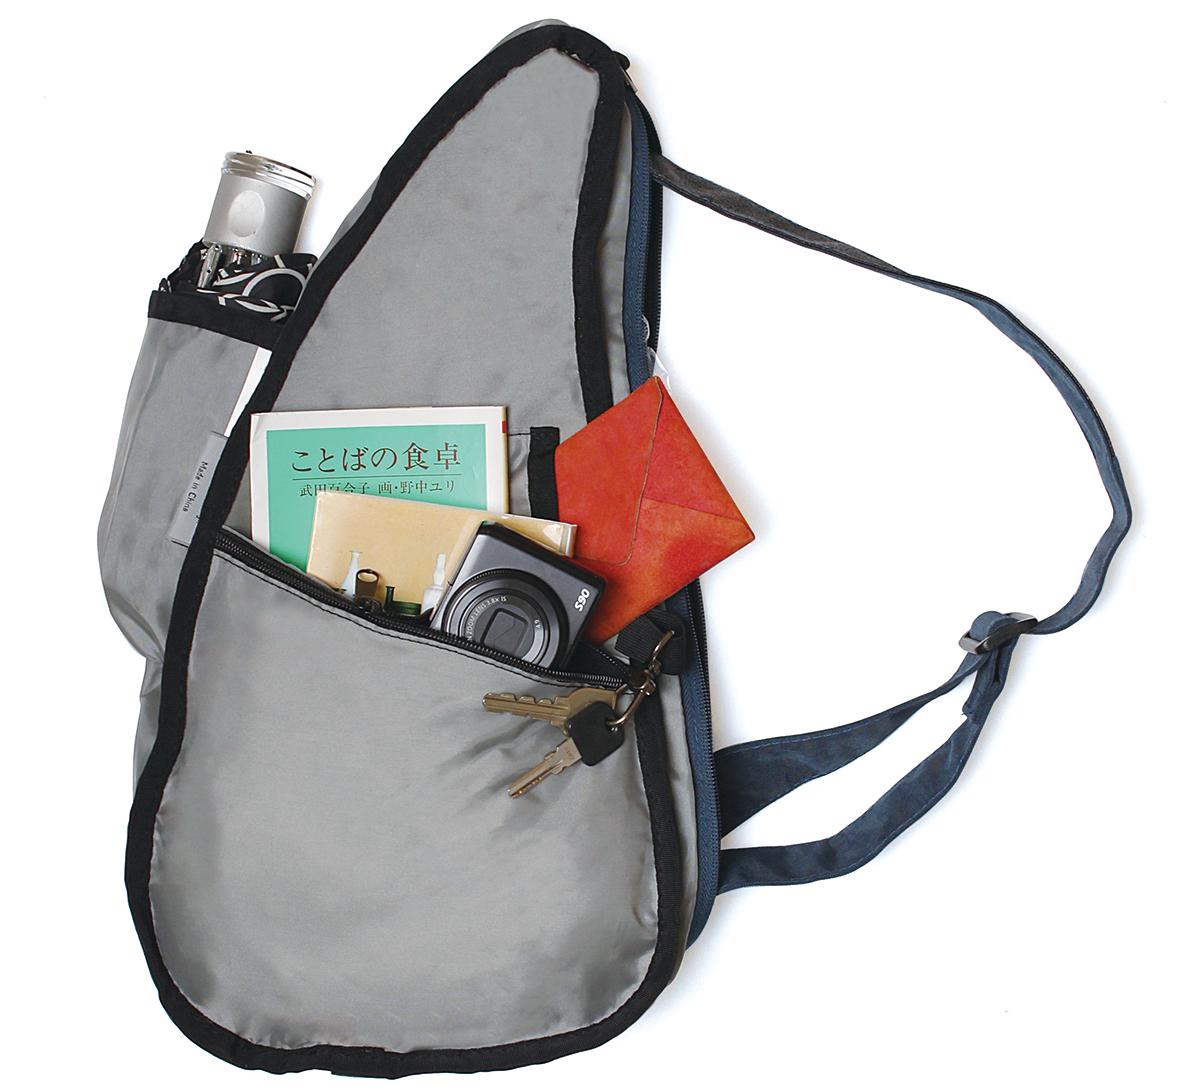 ポケットの配置も「荷重分散」を考え抜いた設計2、荷物も体も軽くなるボディバッグ|Healthy Back Bag